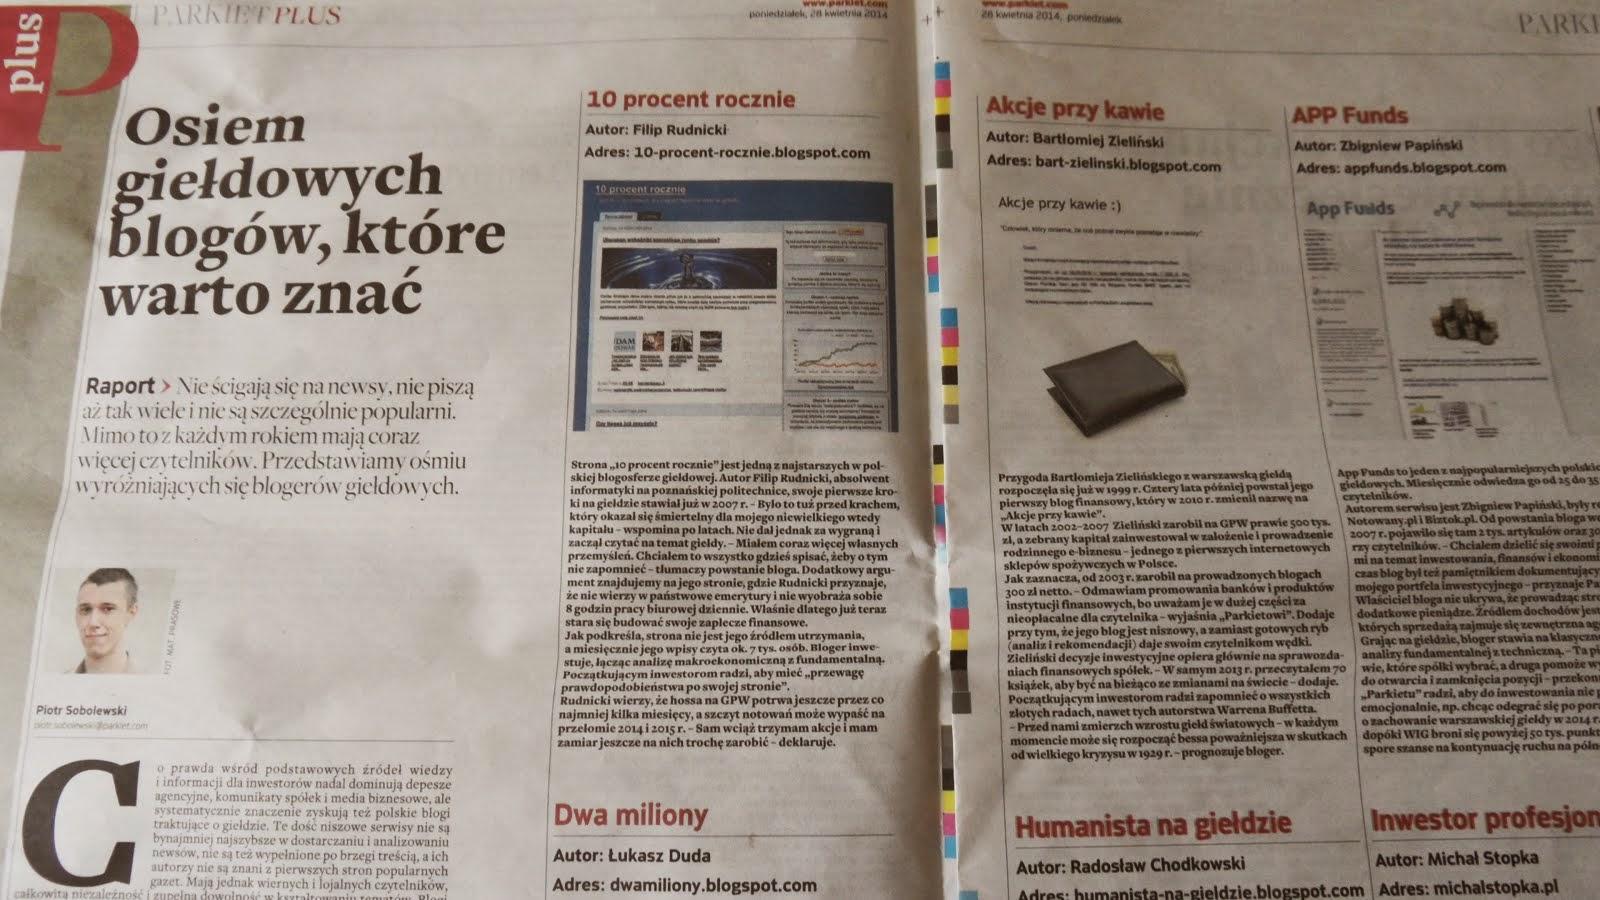 Gazeta Giełdy Parkiet poleca tego bloga.